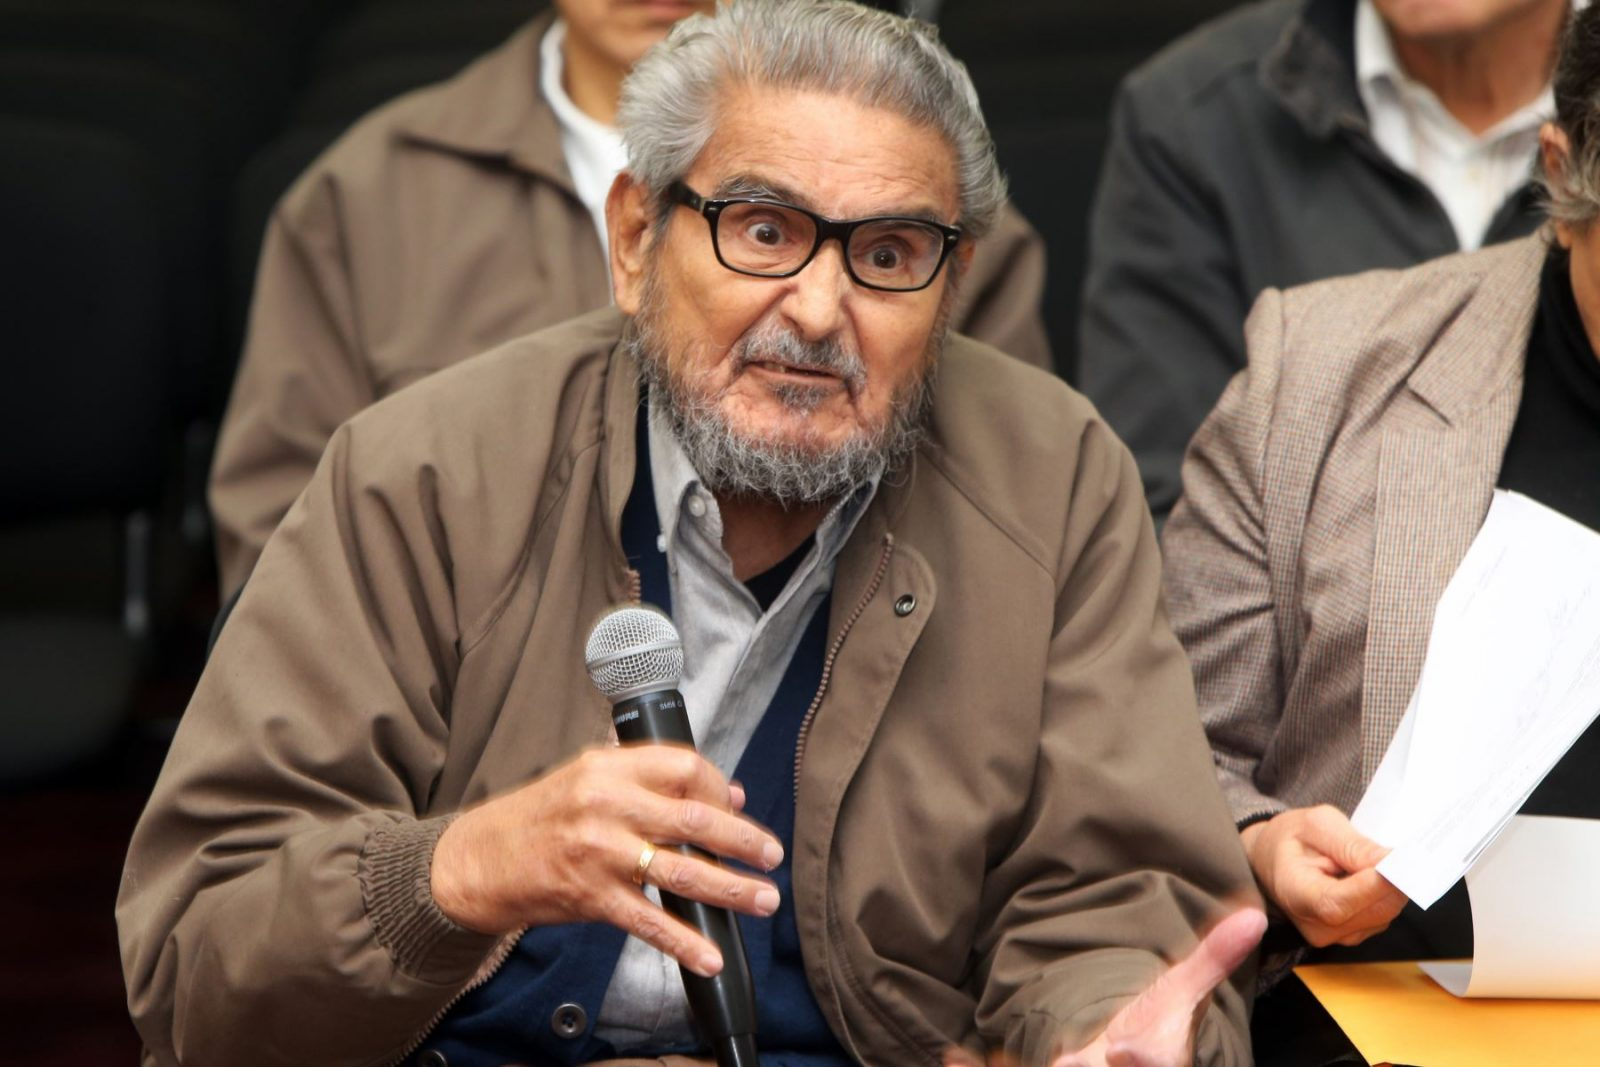 El cabecilla de Sendero Luminoso, Abimael Guzmán, murió